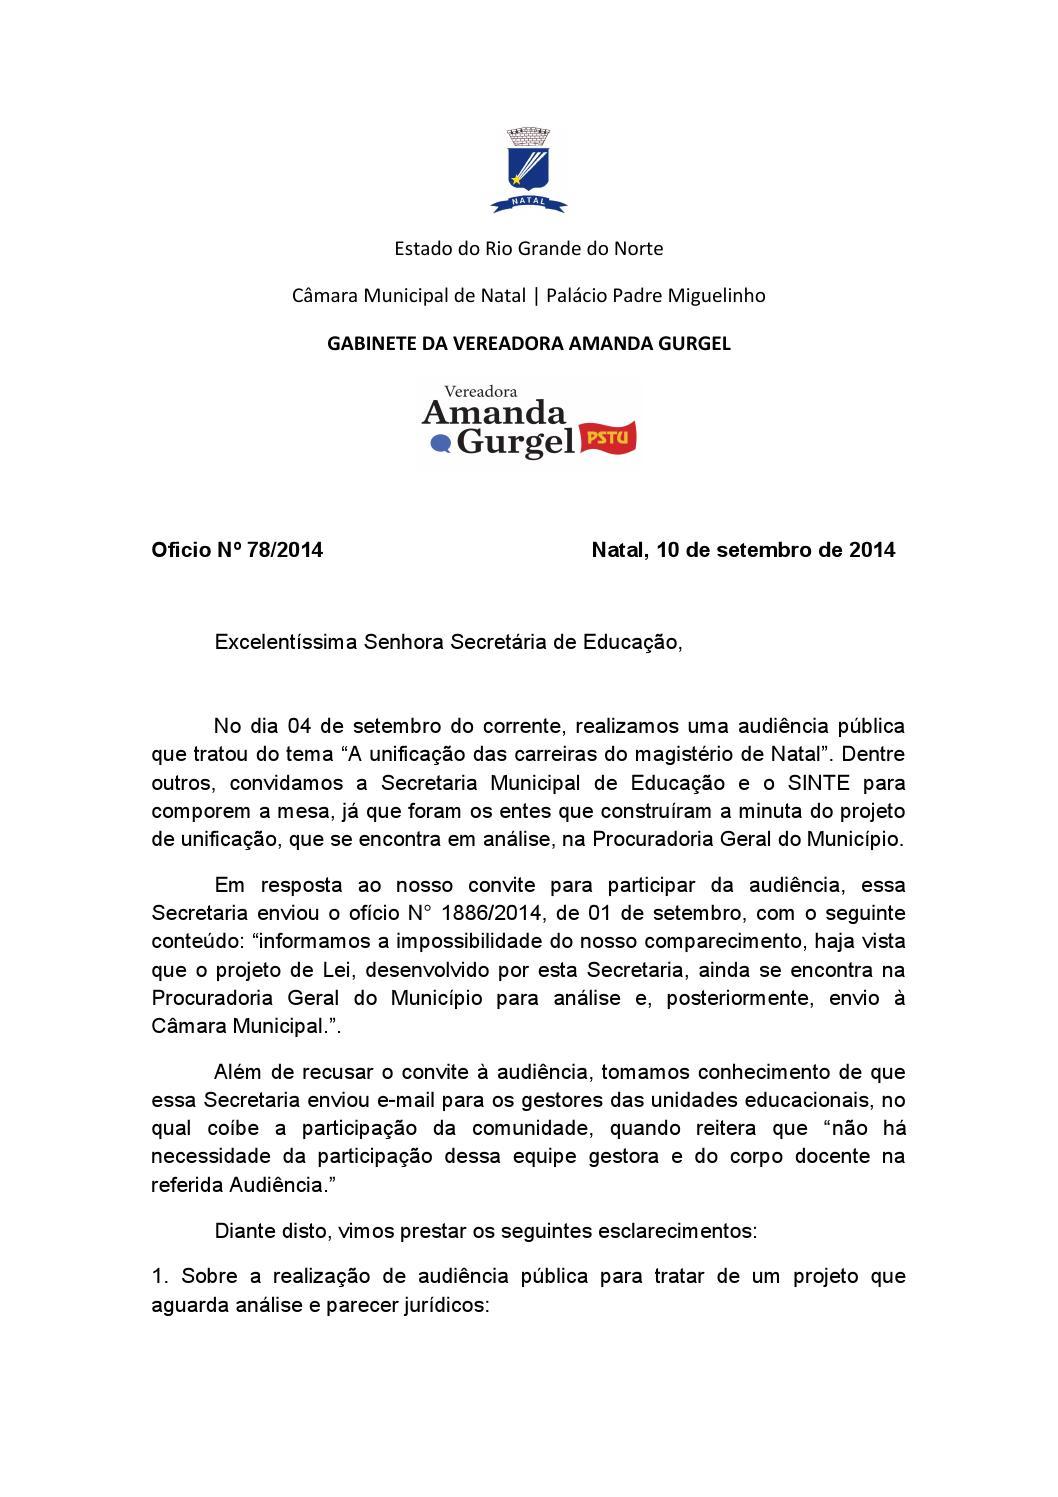 PROFESSORA GURGEL VIDEO DA BAIXAR AMANDA